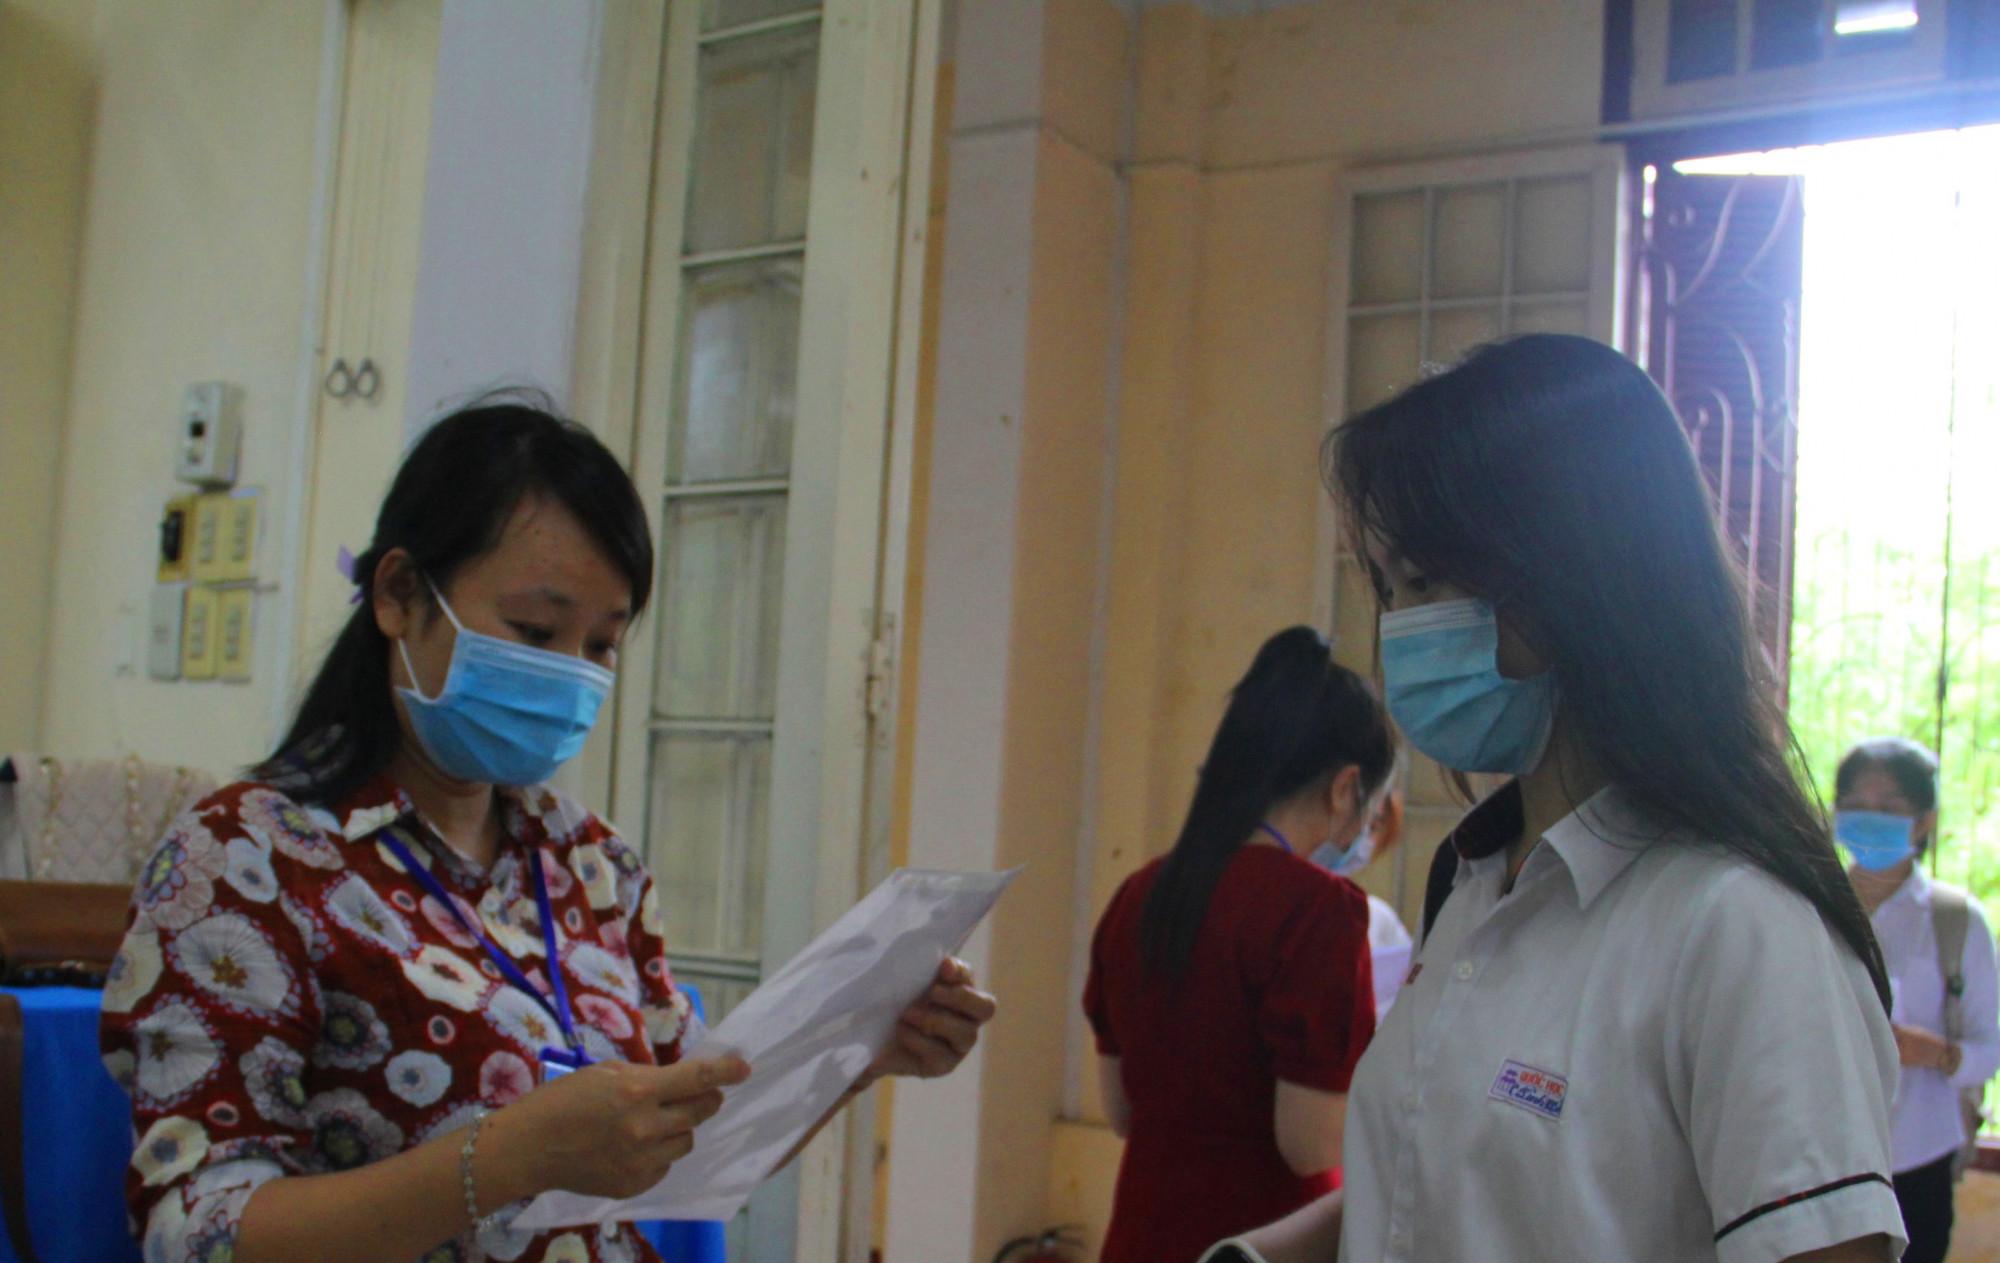 Kiểm tra số báo danh từng thí sinh trước lúc vào thi tại Hội đồng THPT chuyên Quốc học Huế